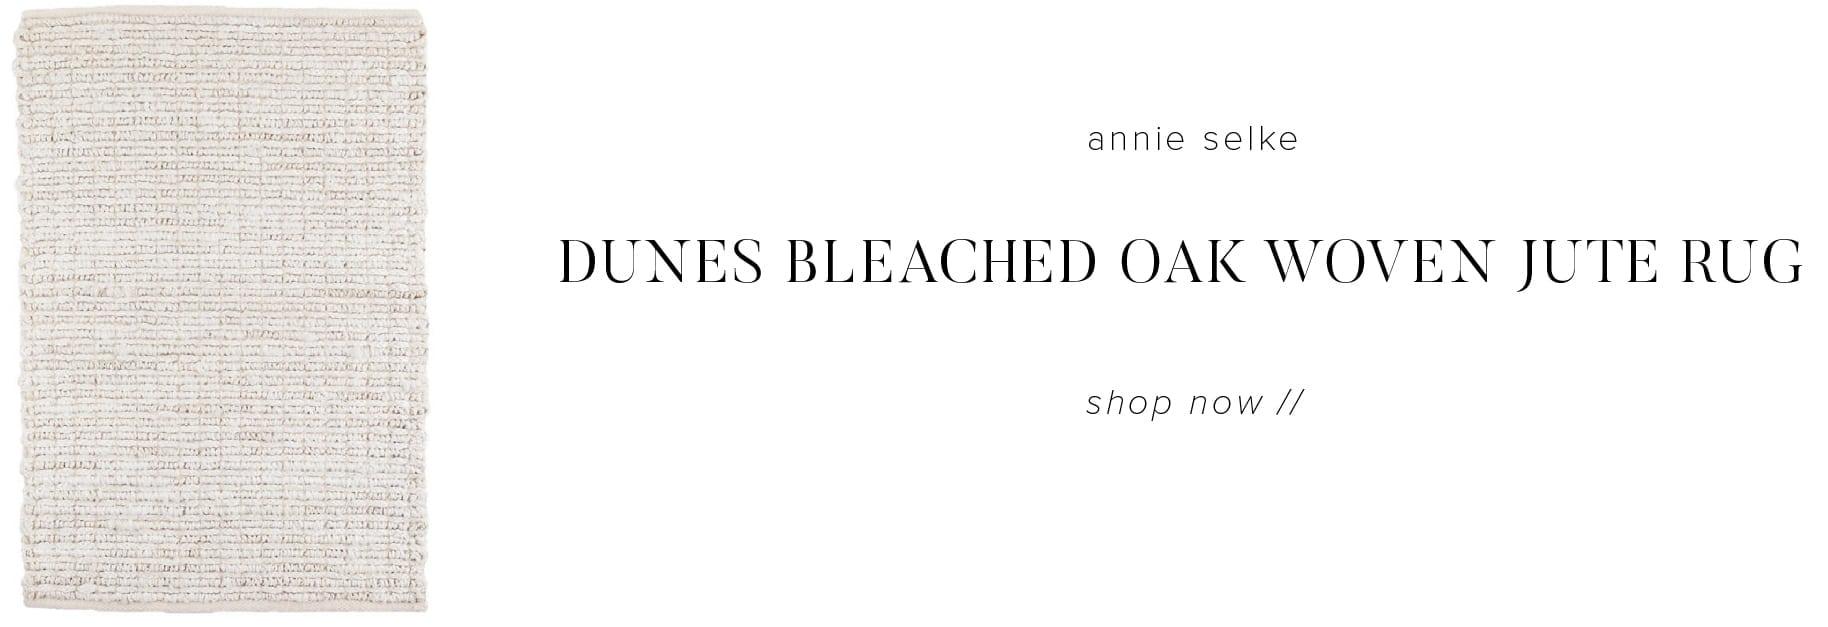 Annie Selke Jute Rug